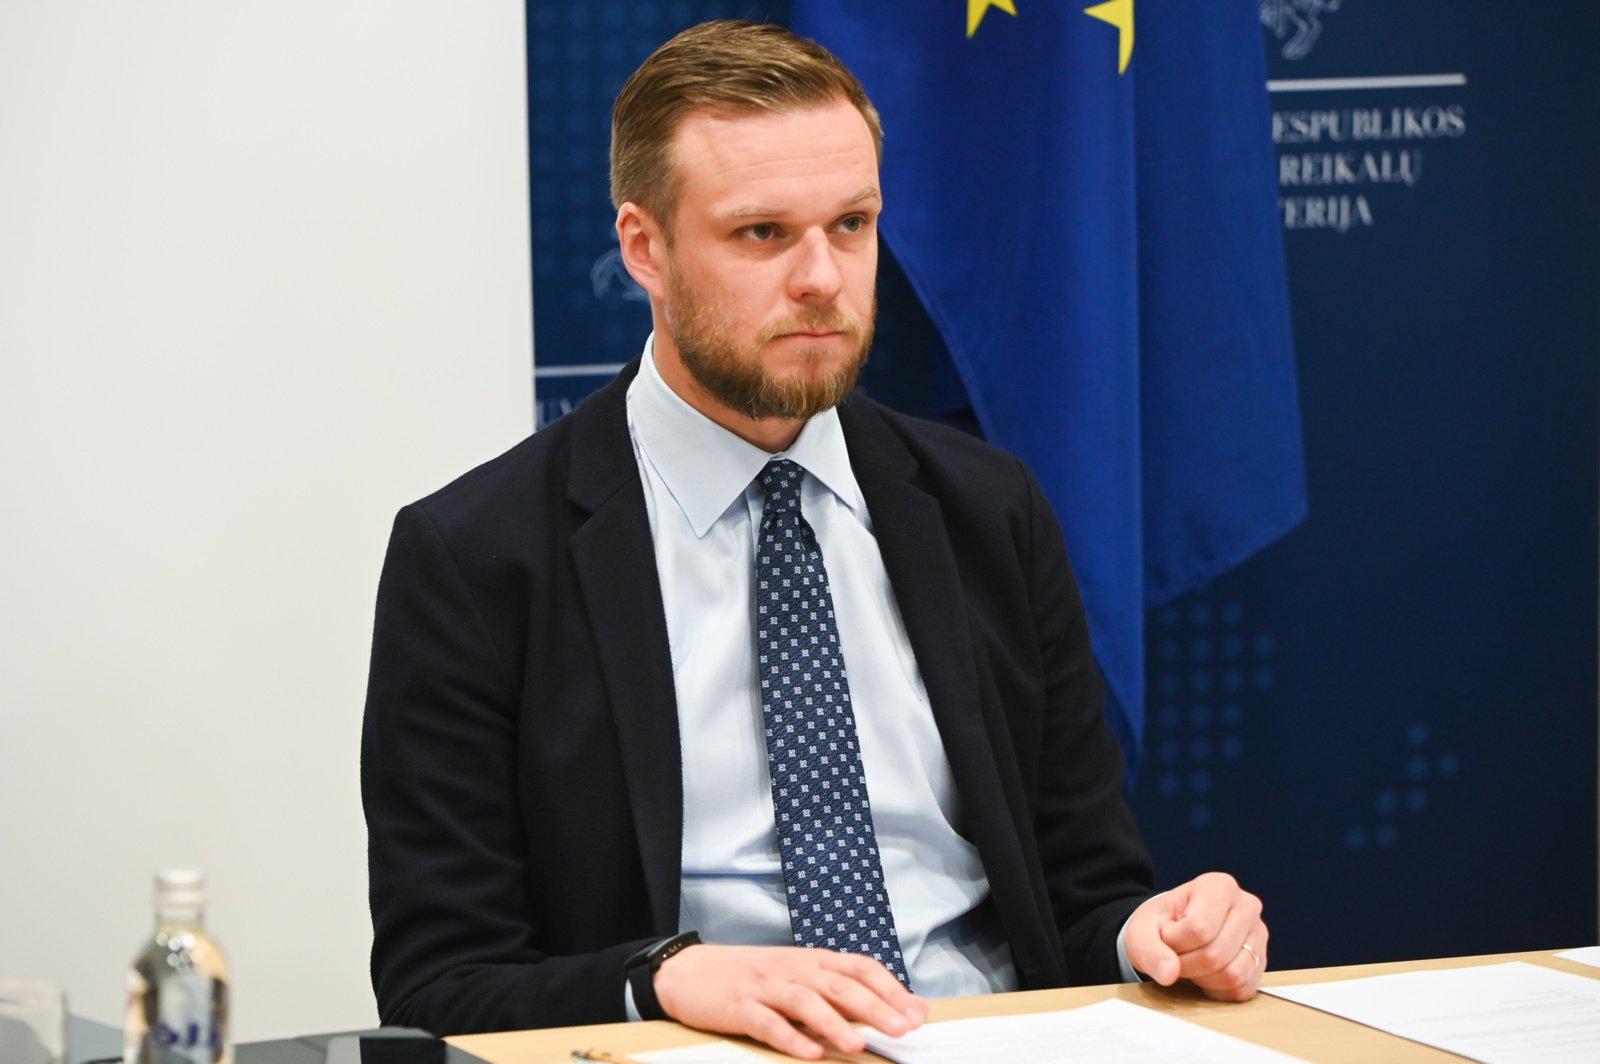 Lietuvos URM dėl rinkimų Rusijoje: kyla abejonių dėl rinkimų skaidrumo